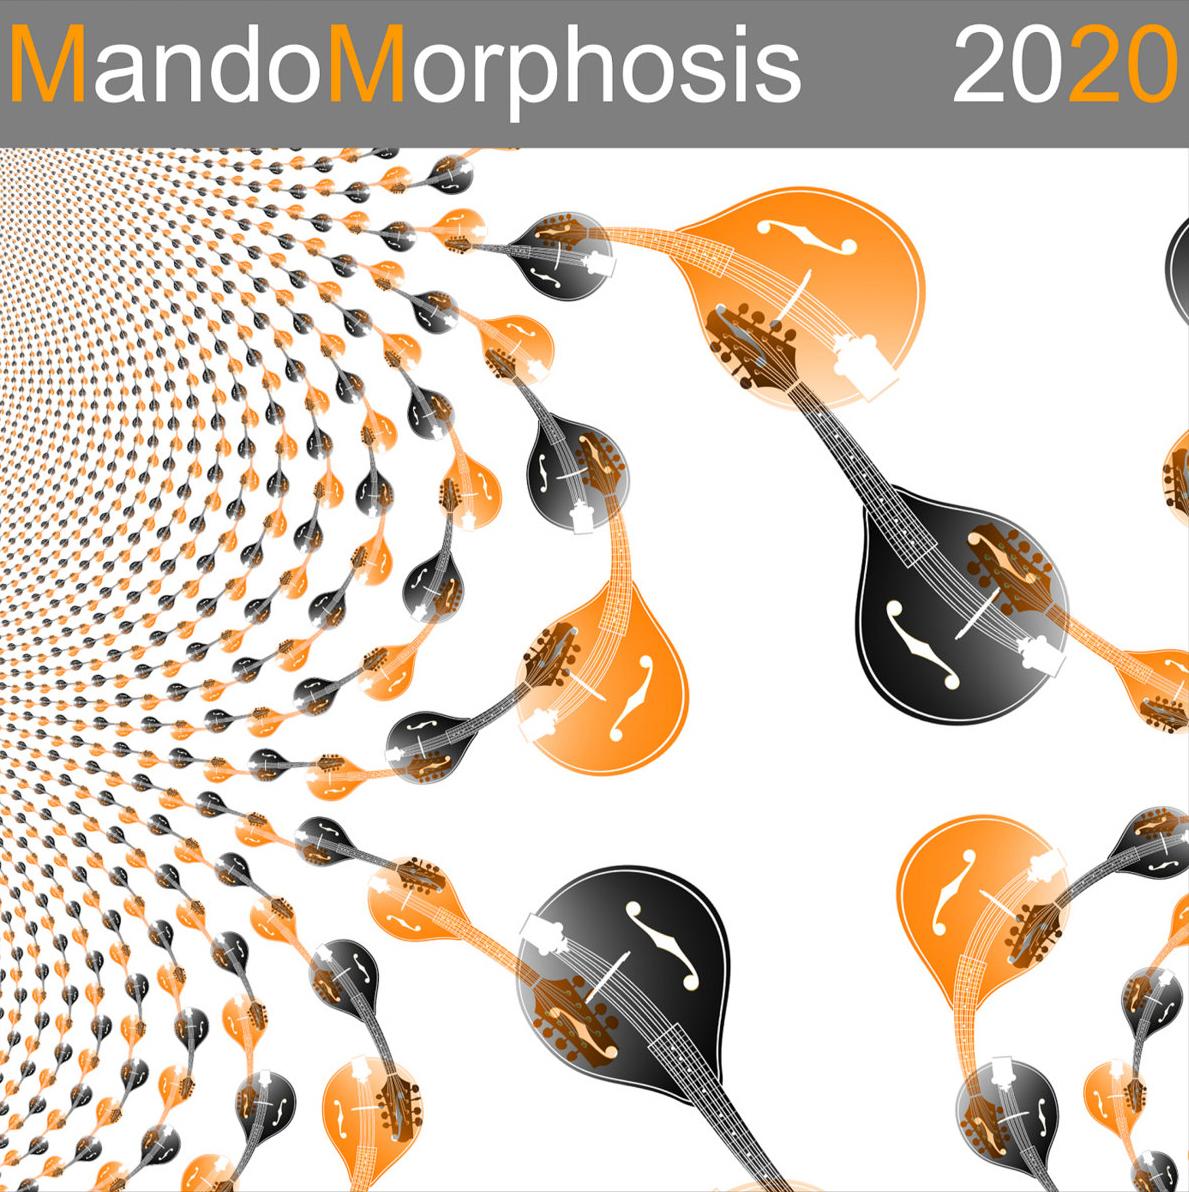 MandoMorphosis - 2020